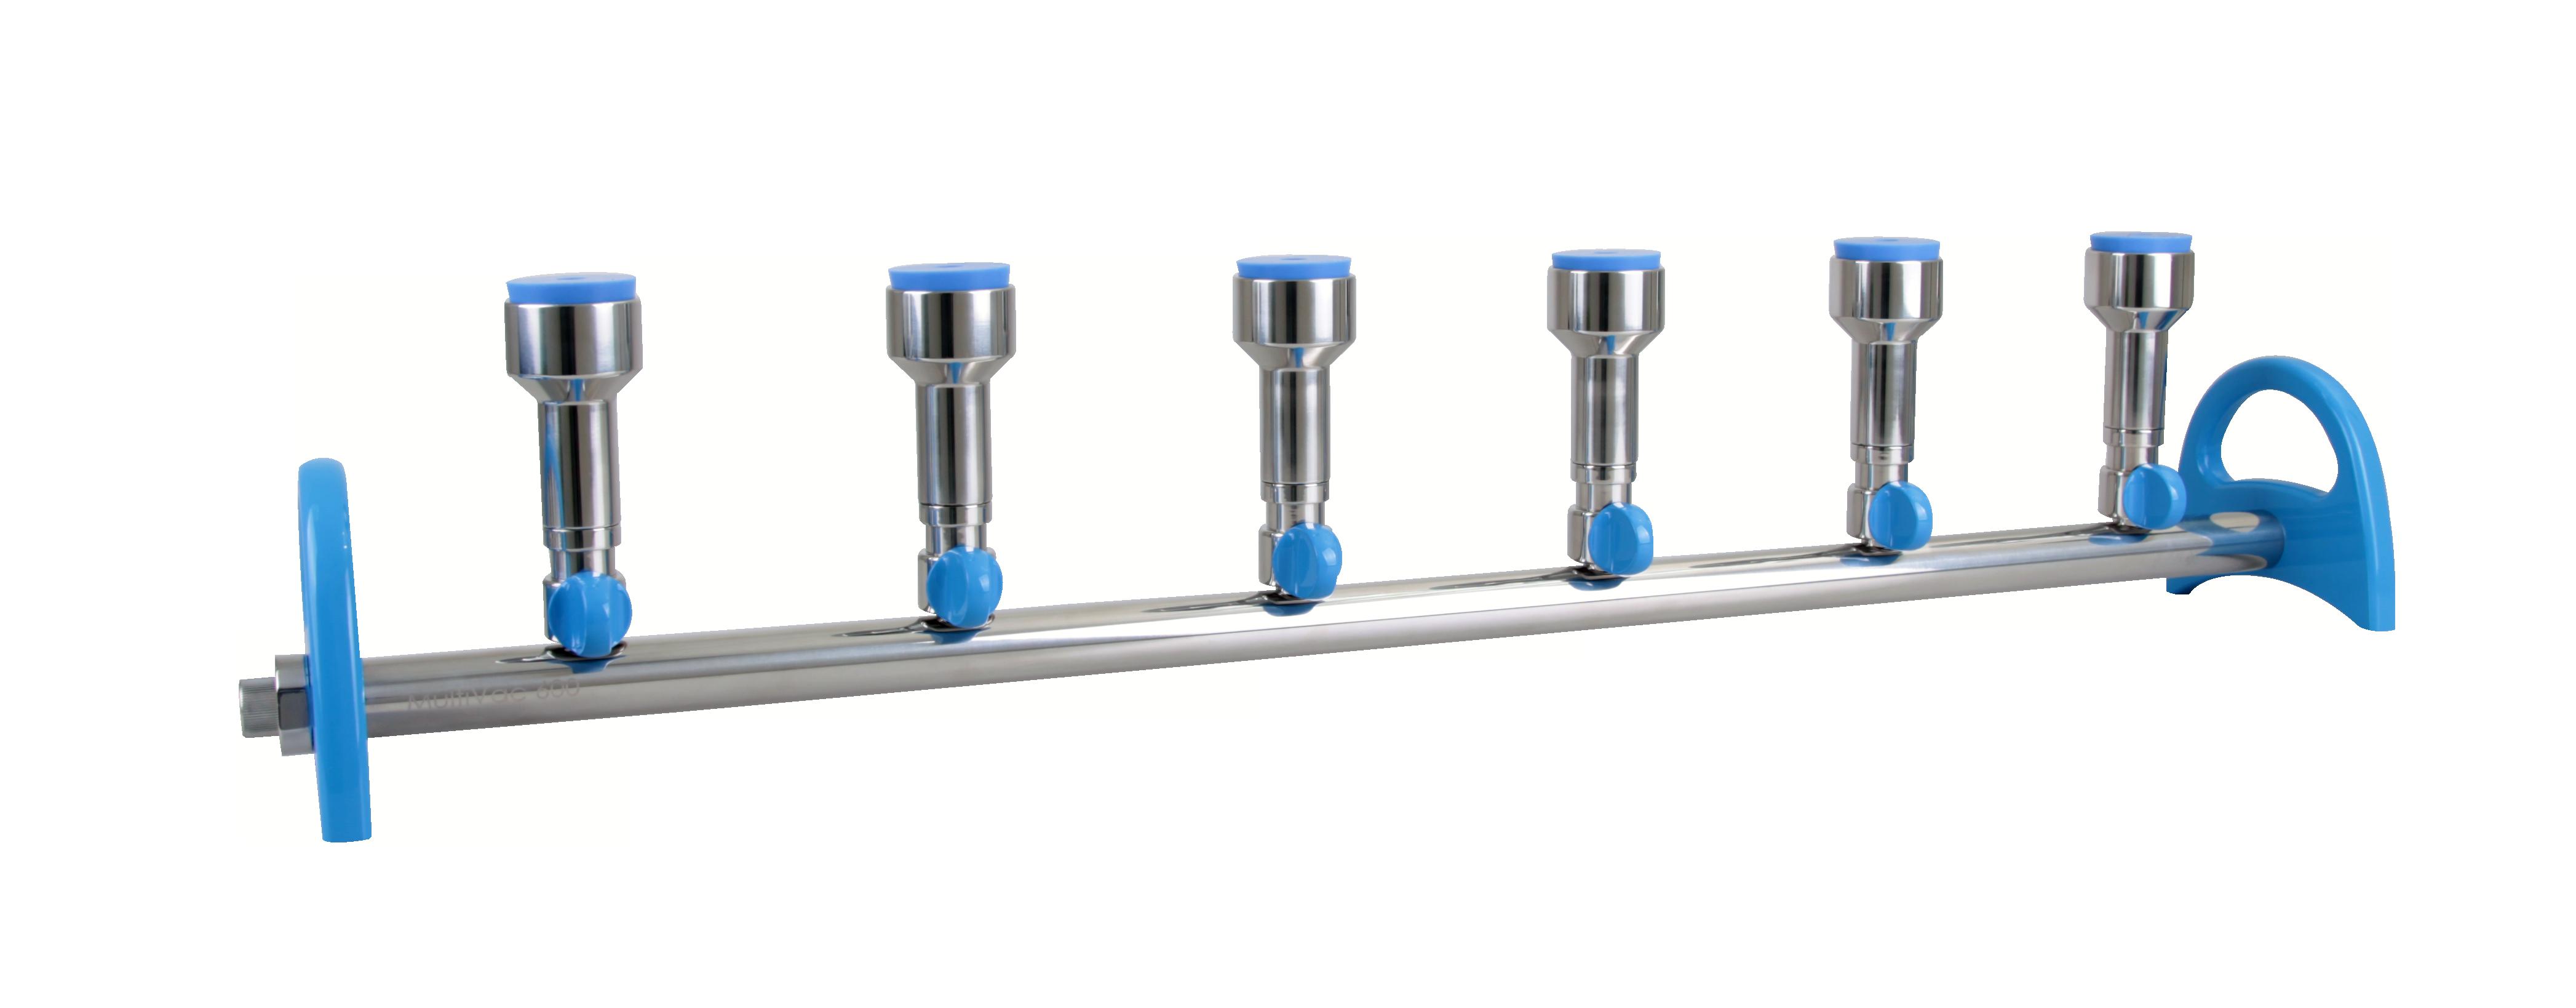 【洛科仪器】MultiVac 600-MS  硅胶塞式不锈钢多孔过滤器